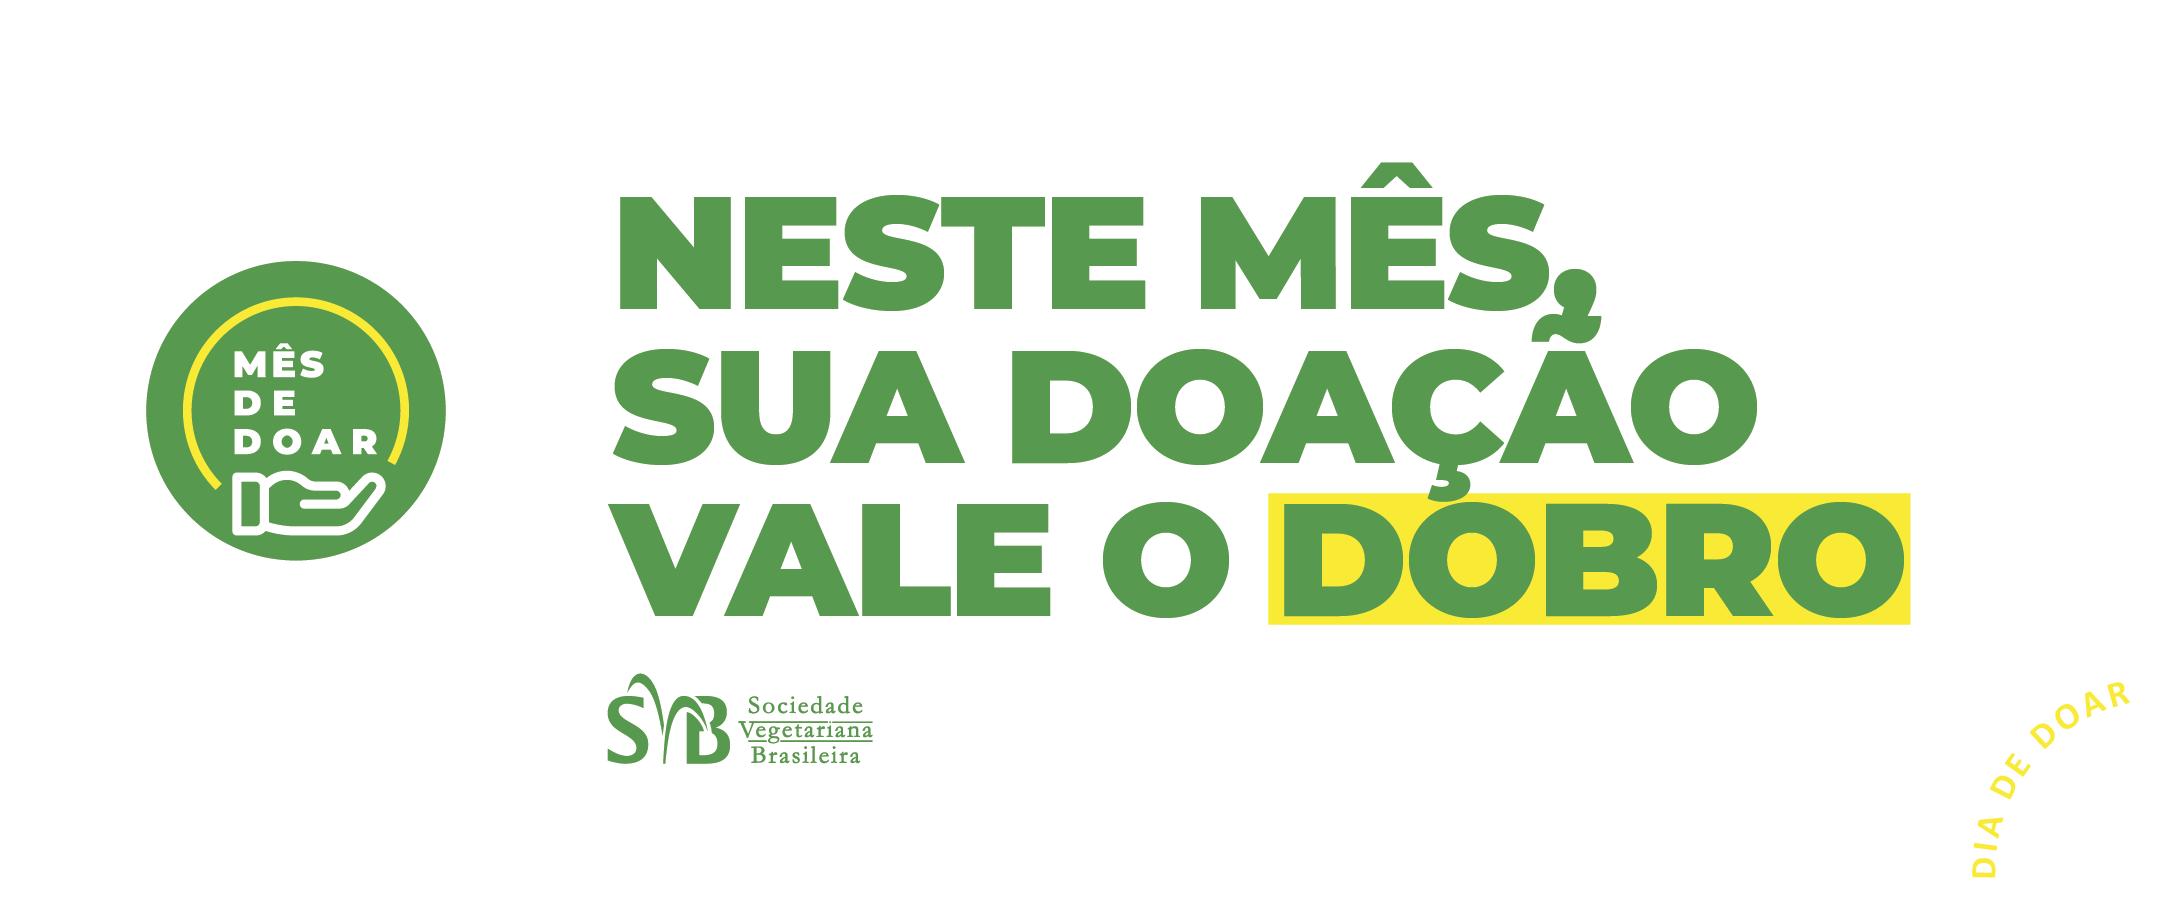 7. SVB - Banner Mês de Doar - PT-BR